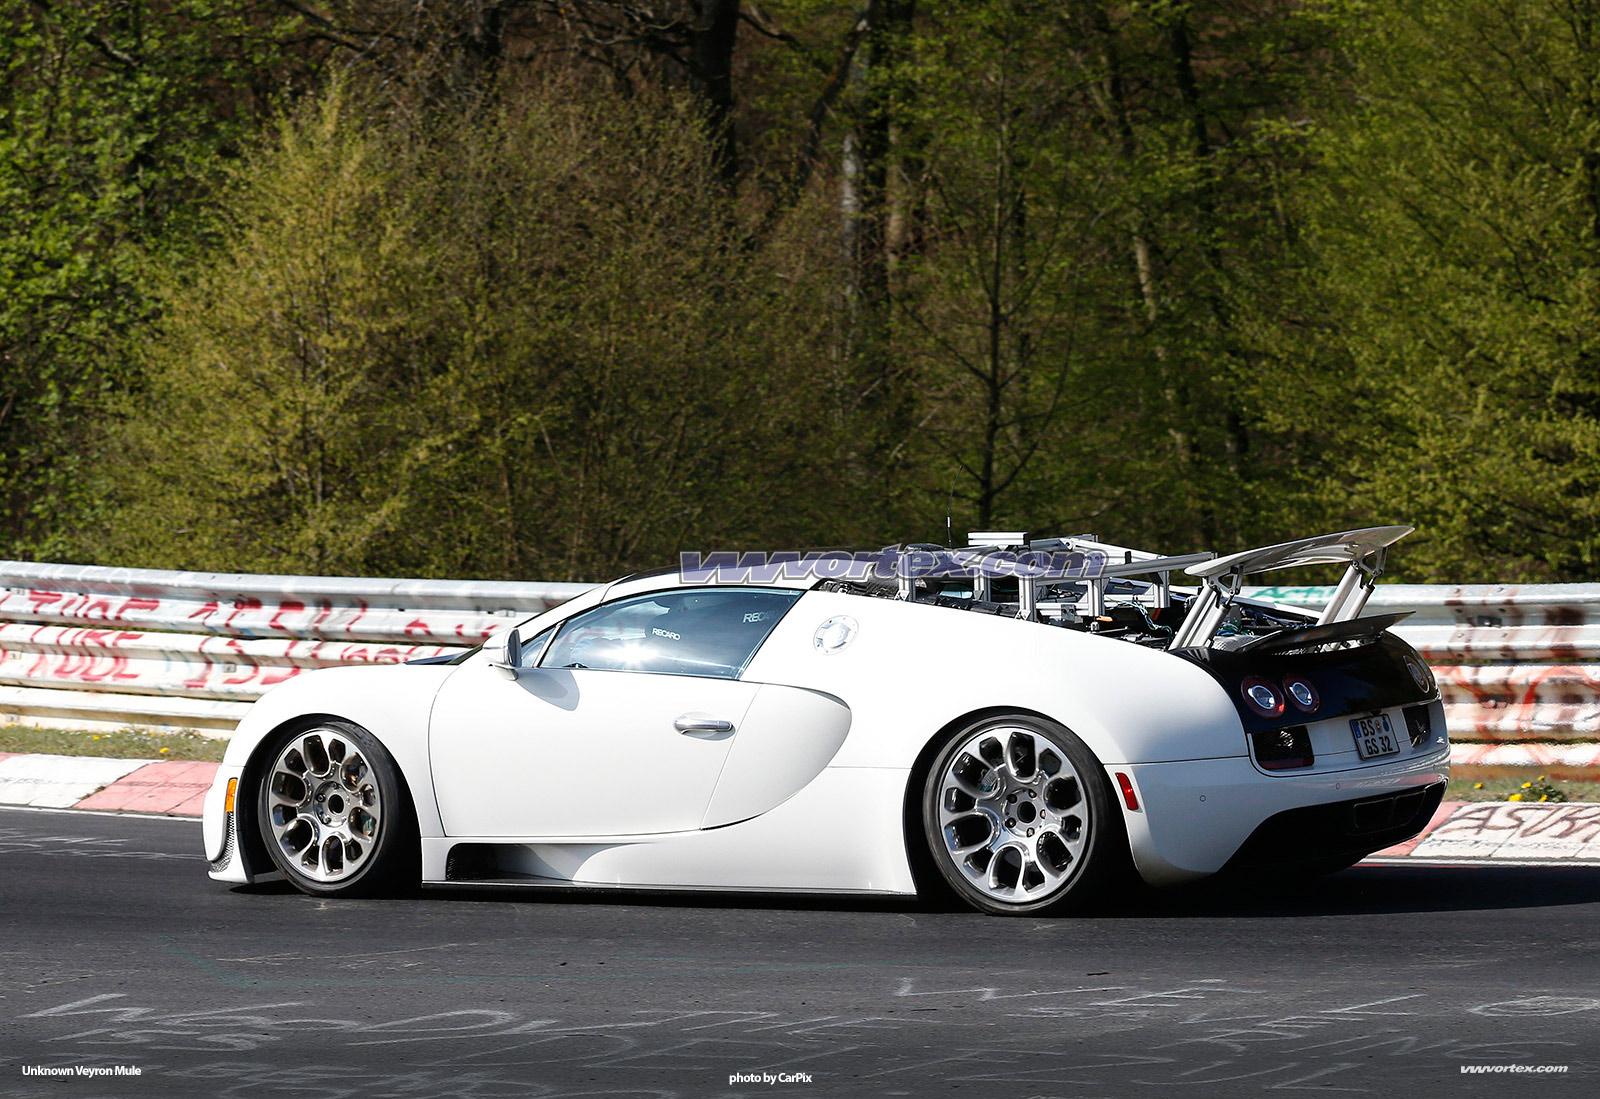 bugatti-veyron-mules-366